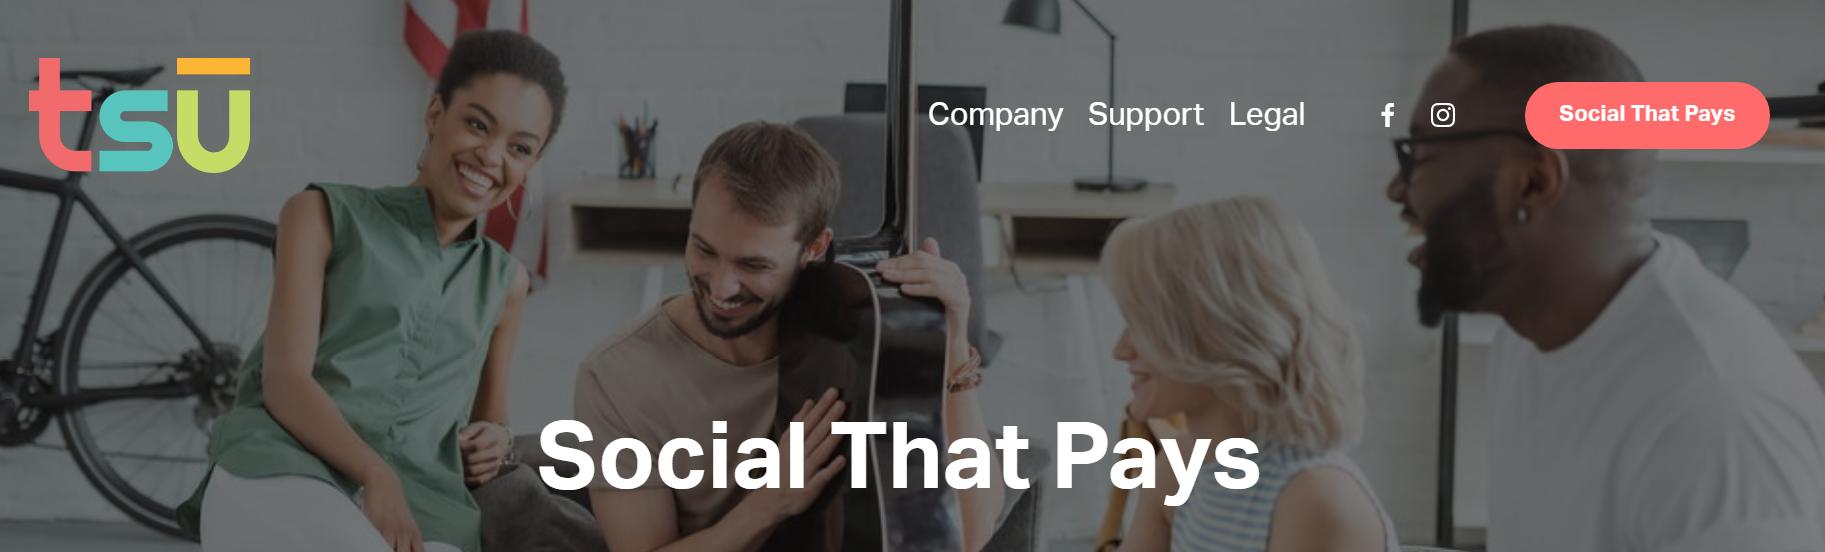 Tsū_—_Social_That_Pays